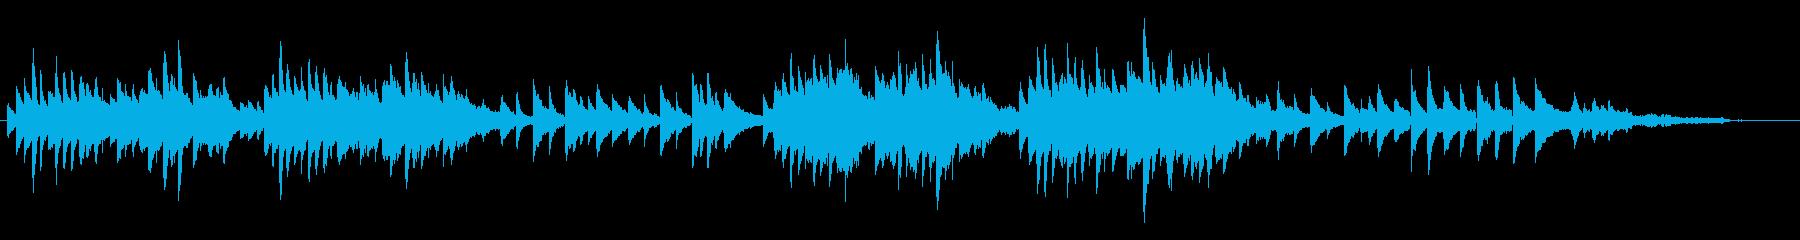 ほのぼのピアノ曲の再生済みの波形